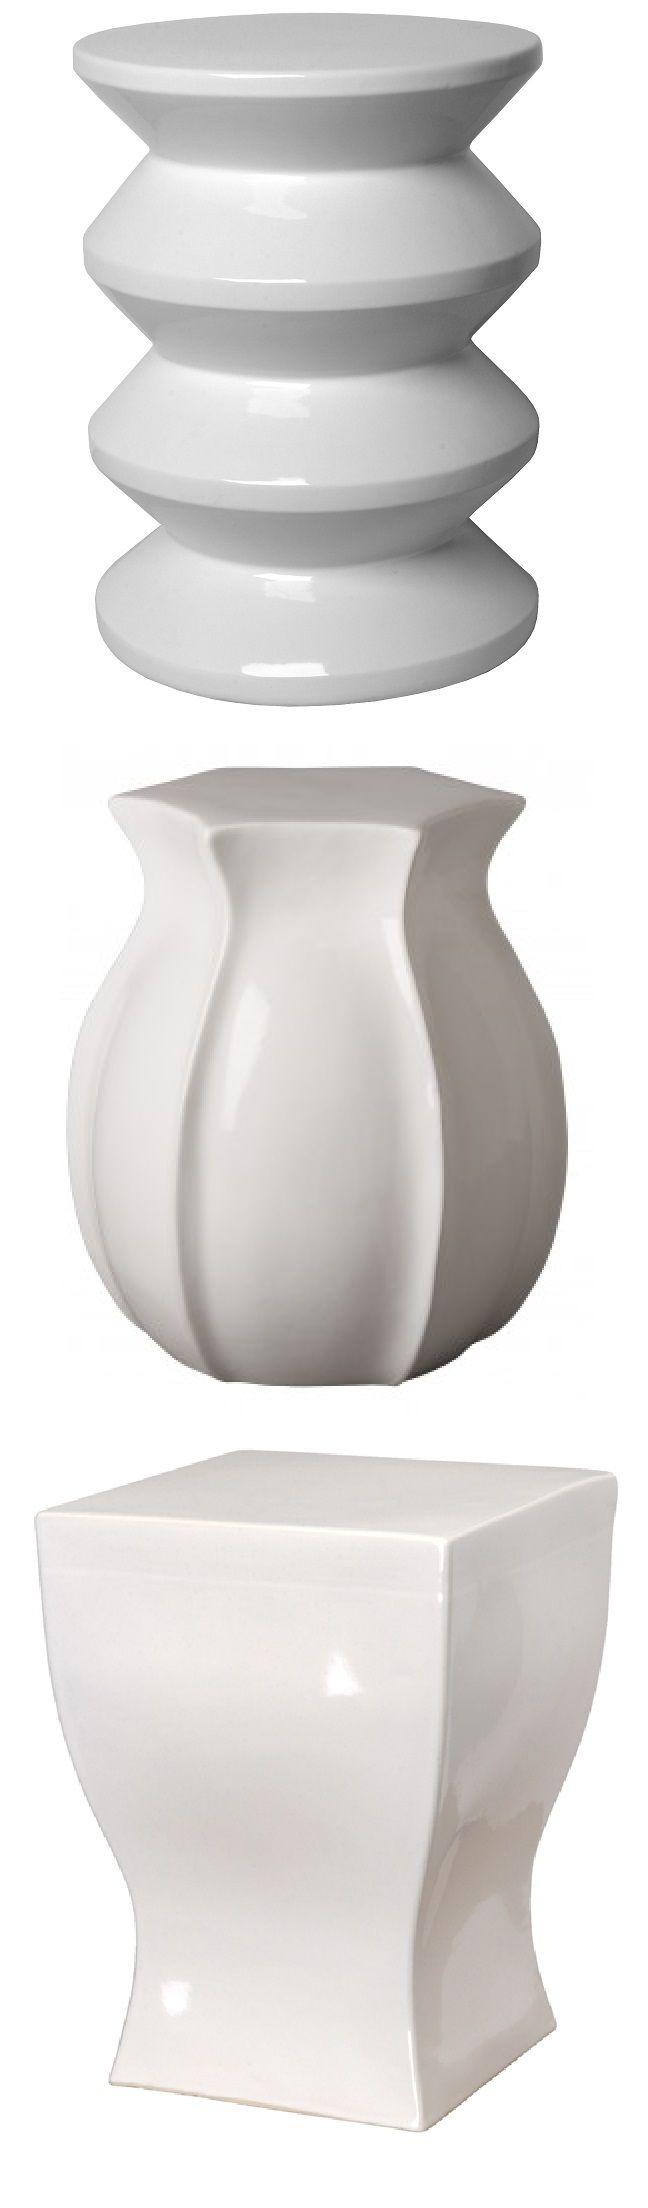 White Garden Stool | White Ceramic Stools | White Porcelain Stool | White Ceramic  Stool |